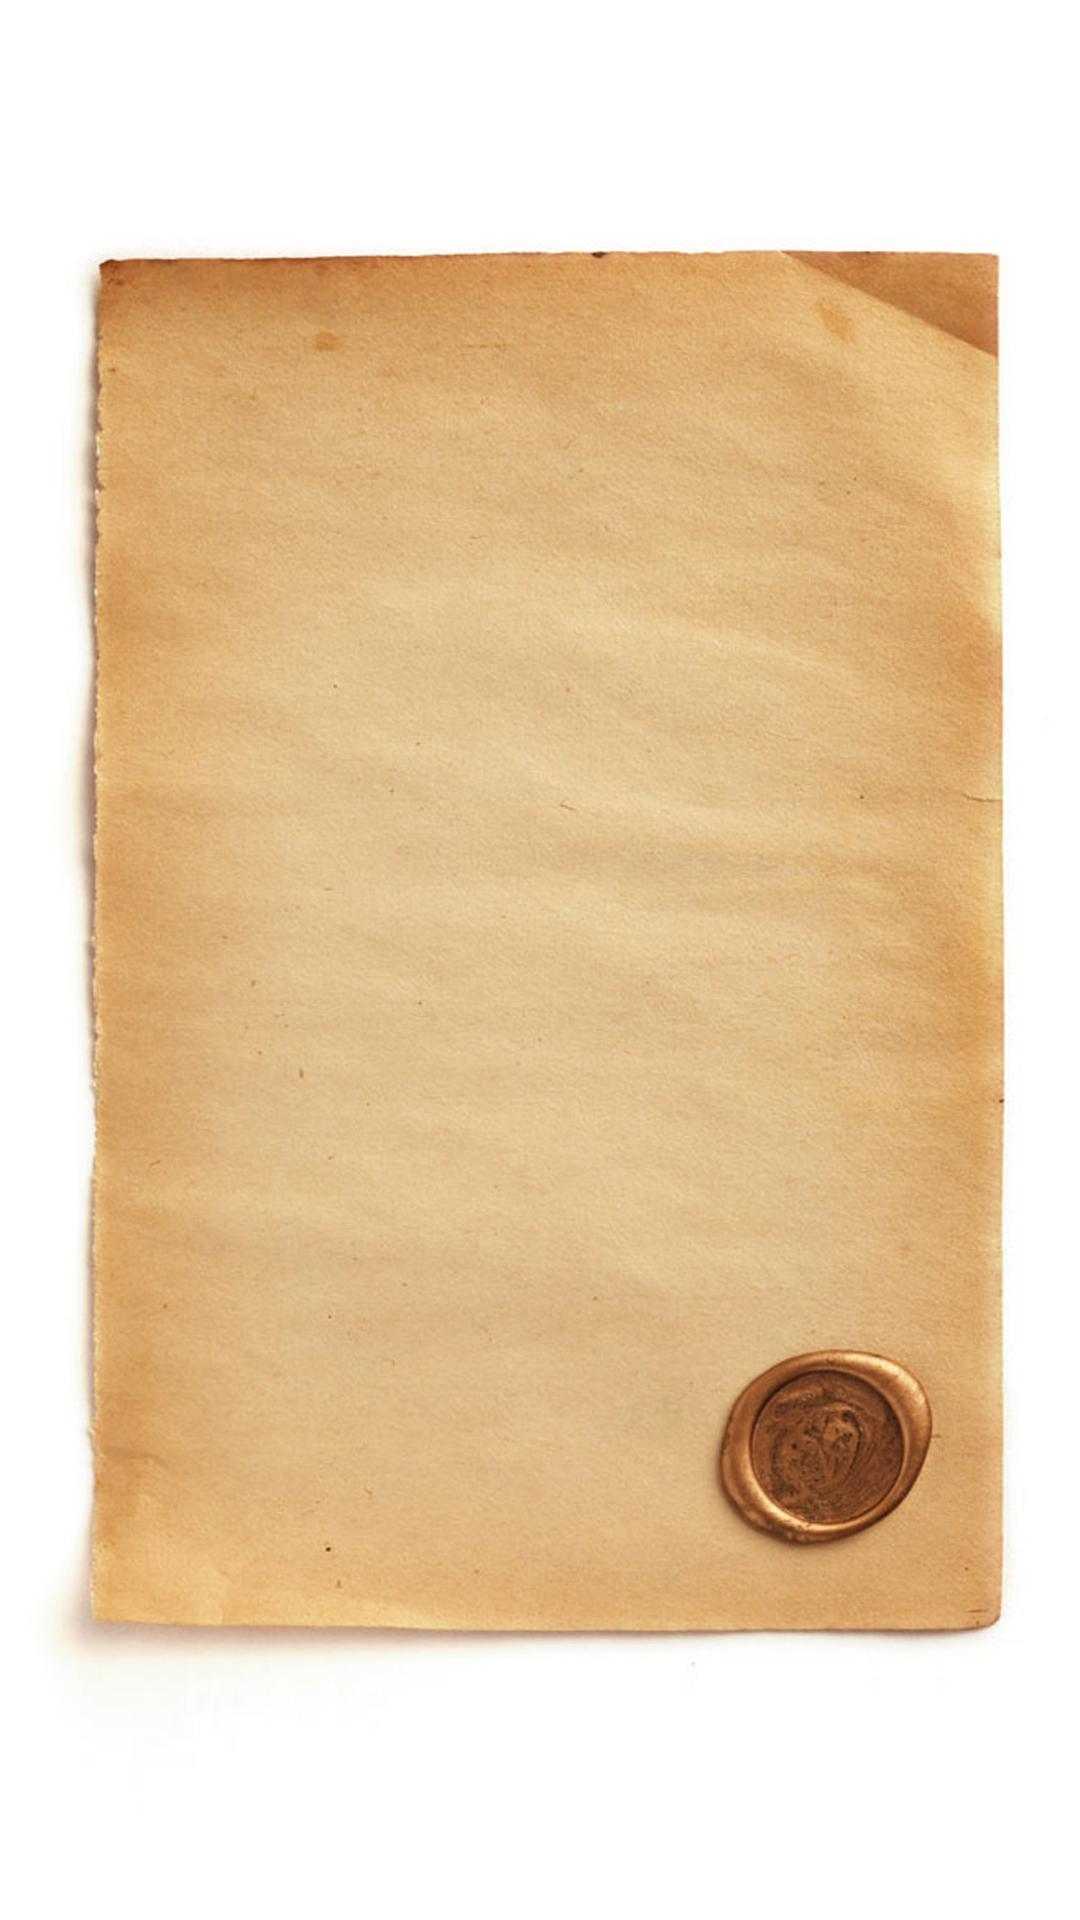 le manuscrit de papyrus affiche un affichage de texte de